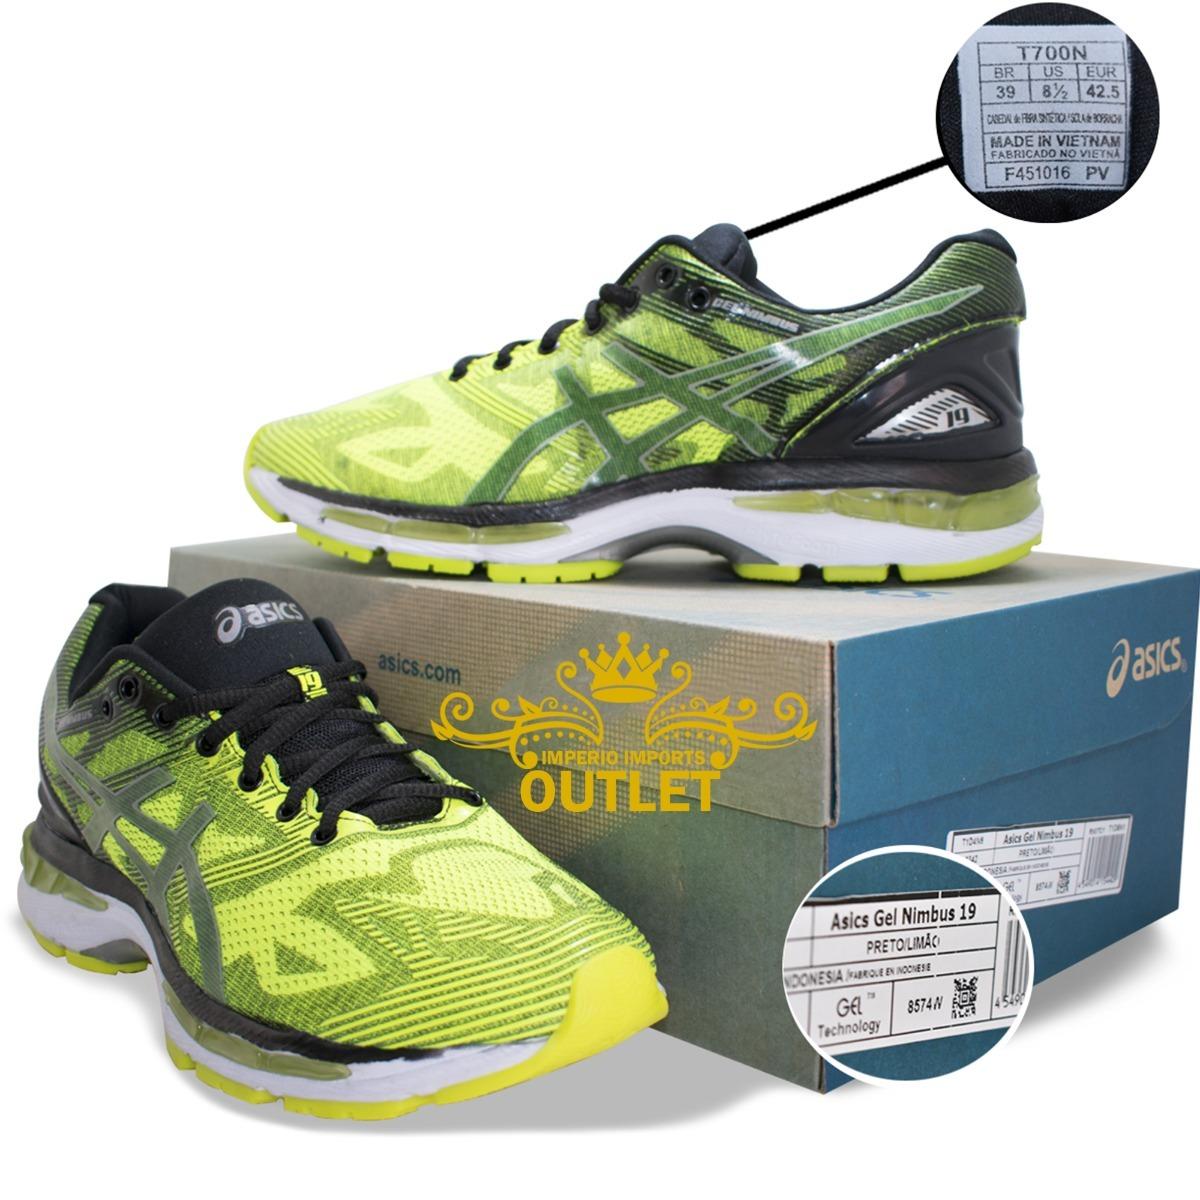 Asics Gel Nimbus 19 Corrida E Caminhada Lançamento  71511023 - R ... 5c0a6f256d899